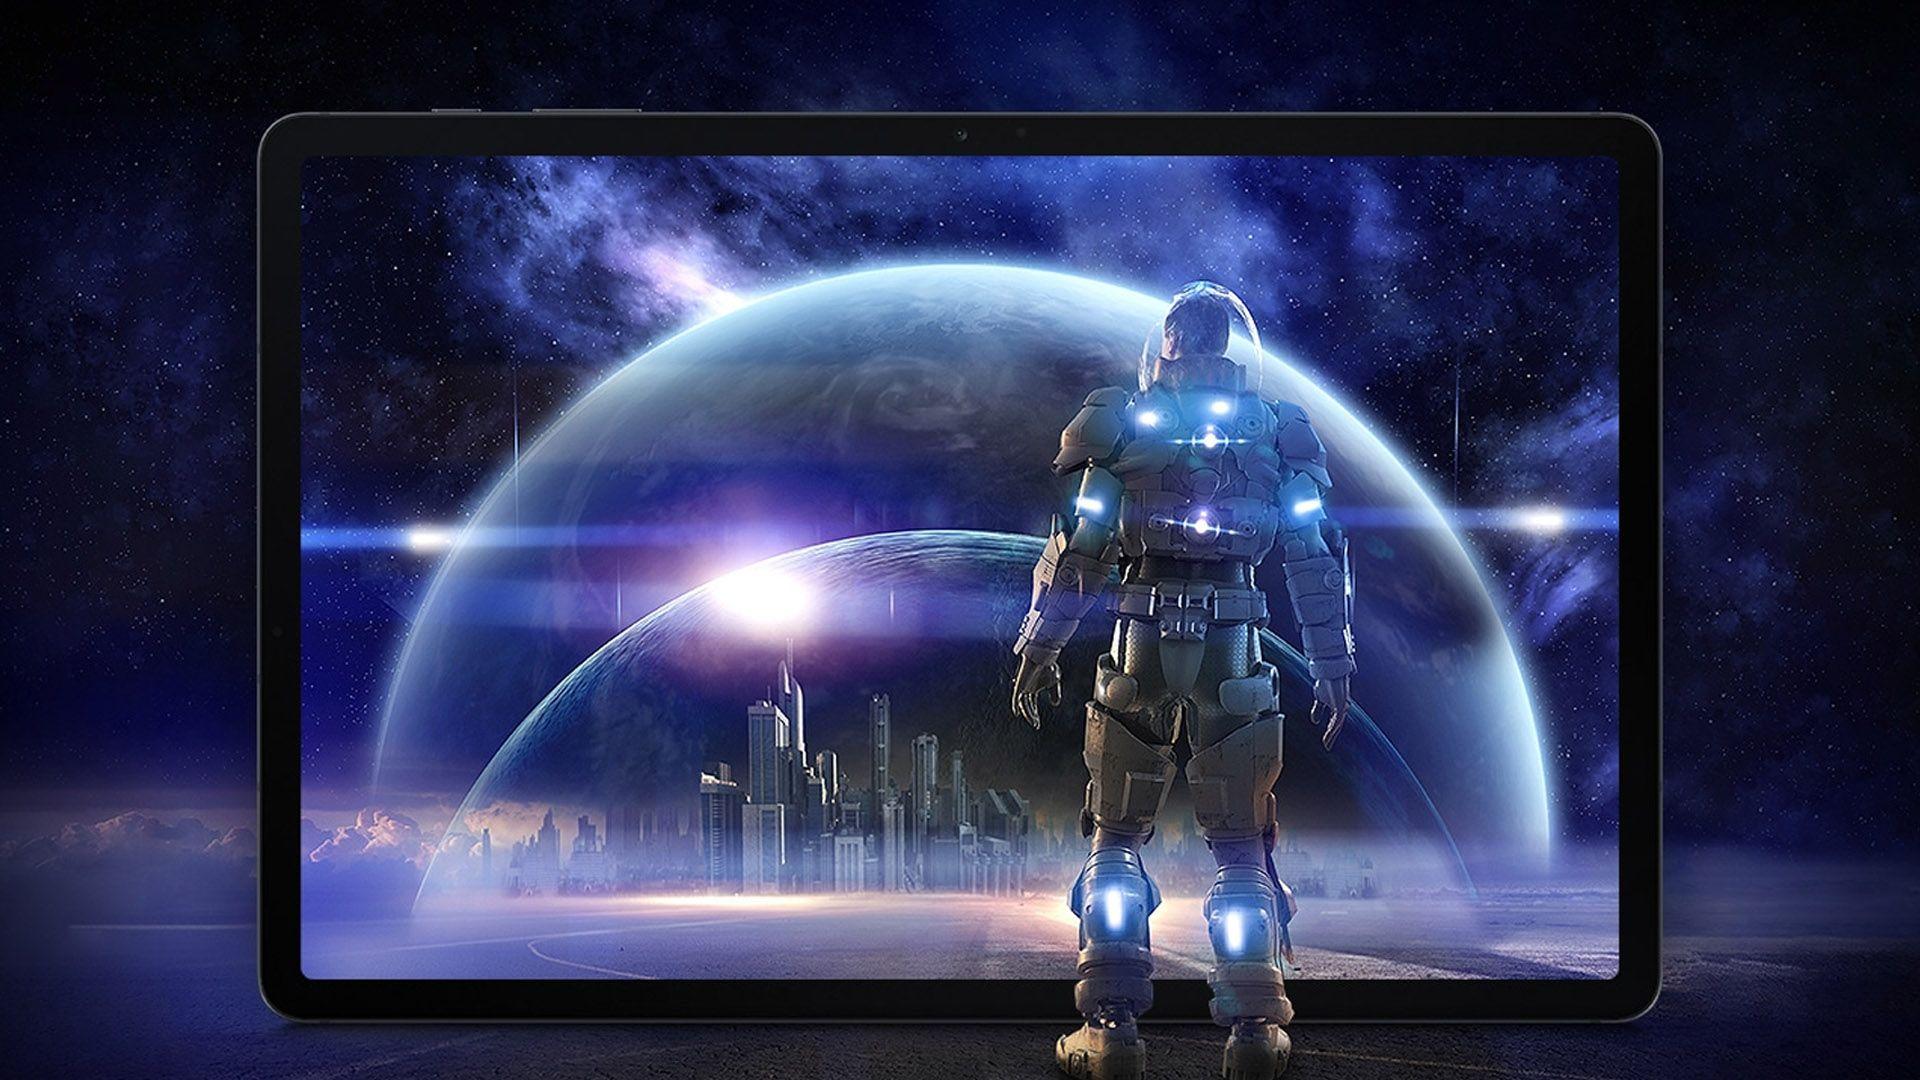 Personagem de jogo olhando Galaxy Tab S7 FE com fundo de jogo futurista